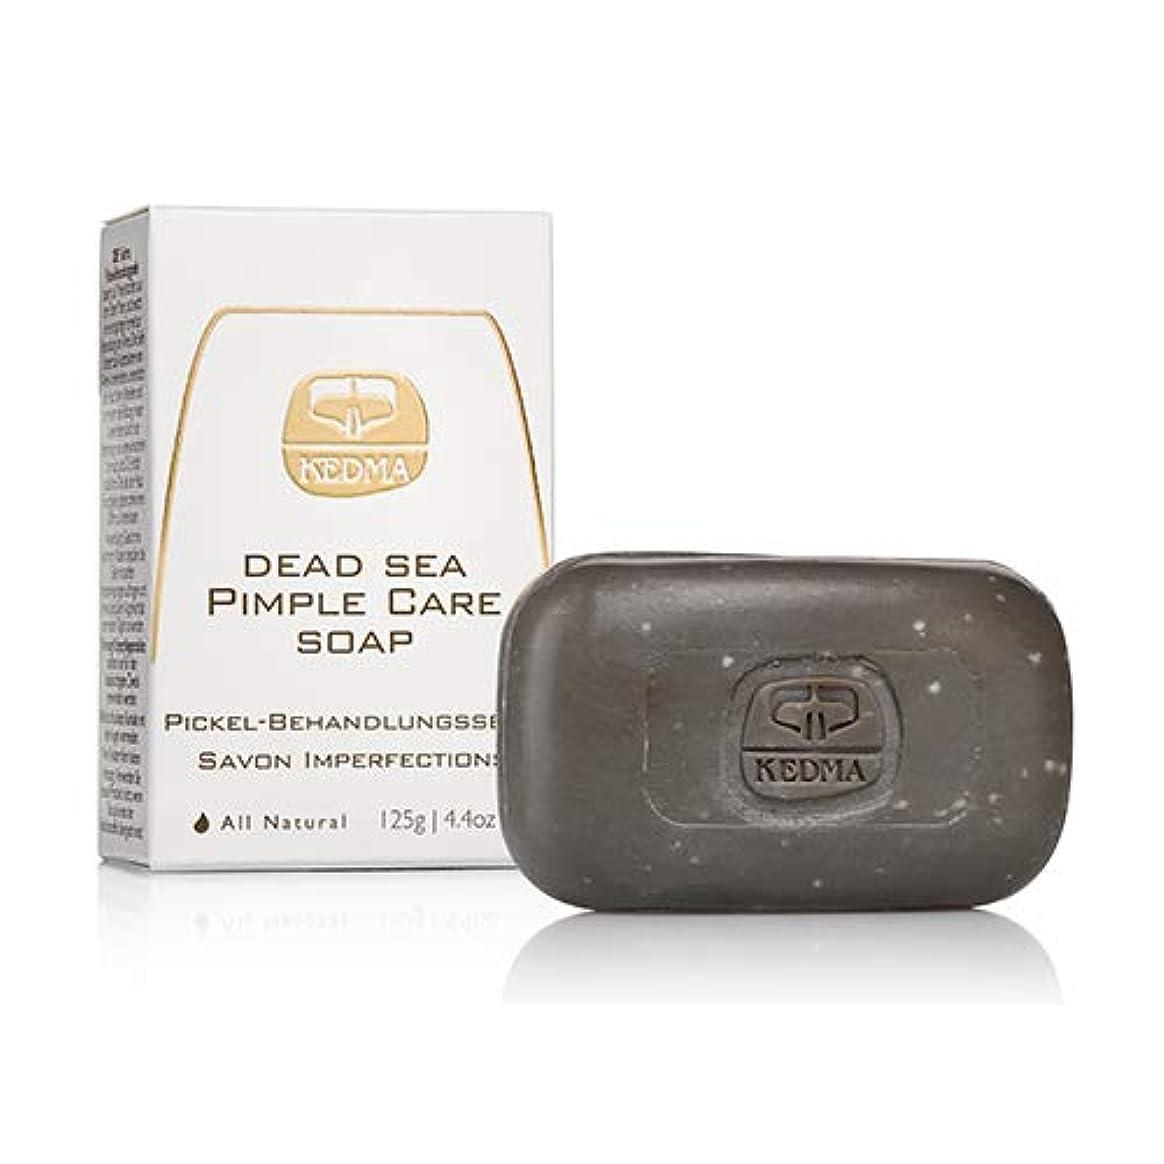 バング良心的苦情文句【日本初上陸/正規代理店】KEDMA死海のミネラル石鹸 死海ピンプルケアソープ 125g